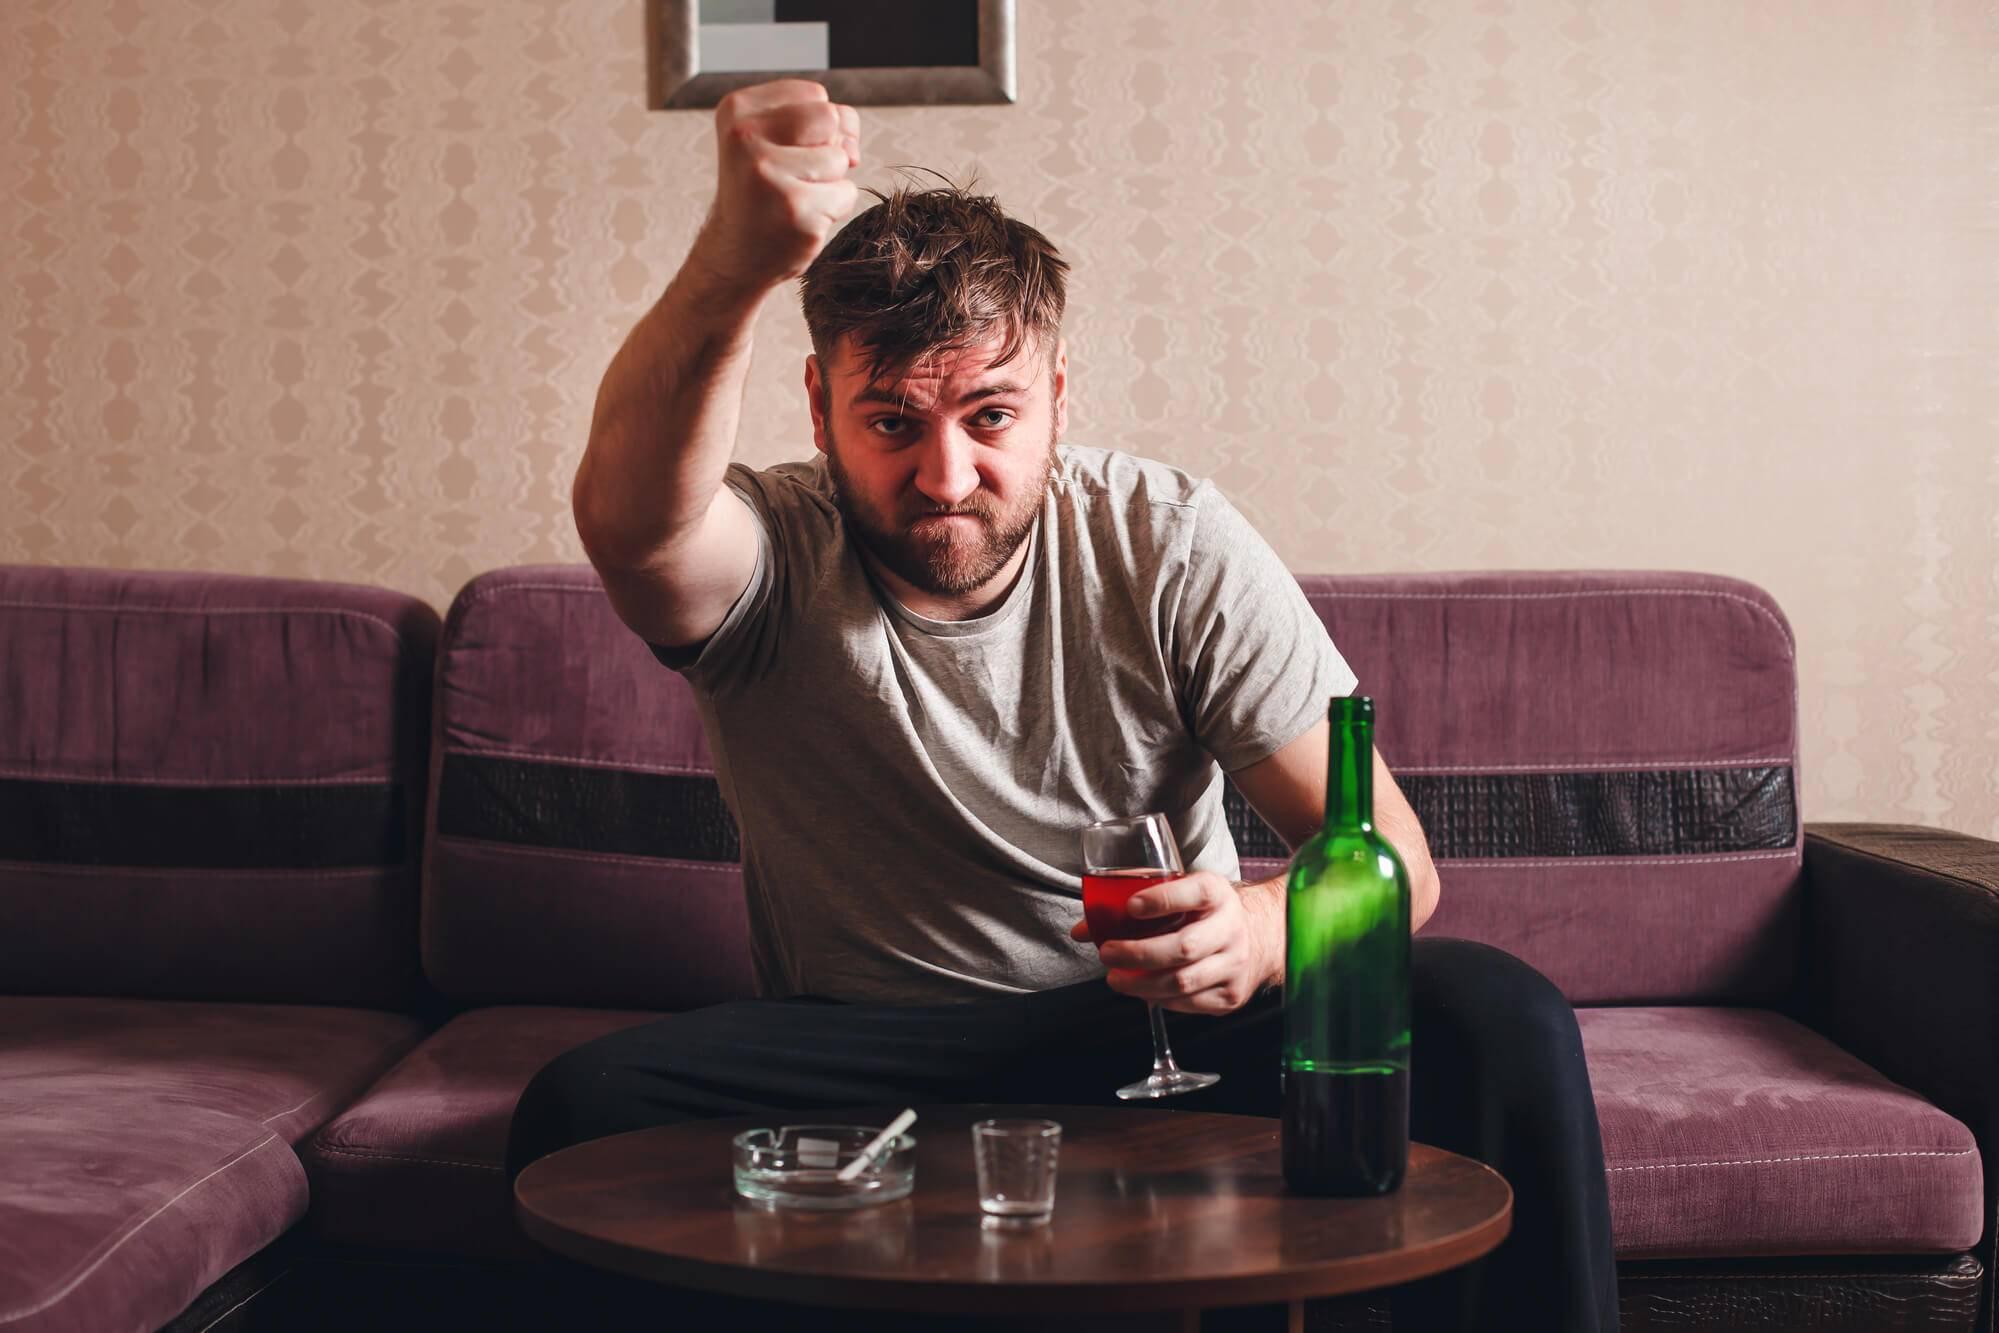 Муж, когда выпивает, становится агрессивным - 2 совета психологов, консультации